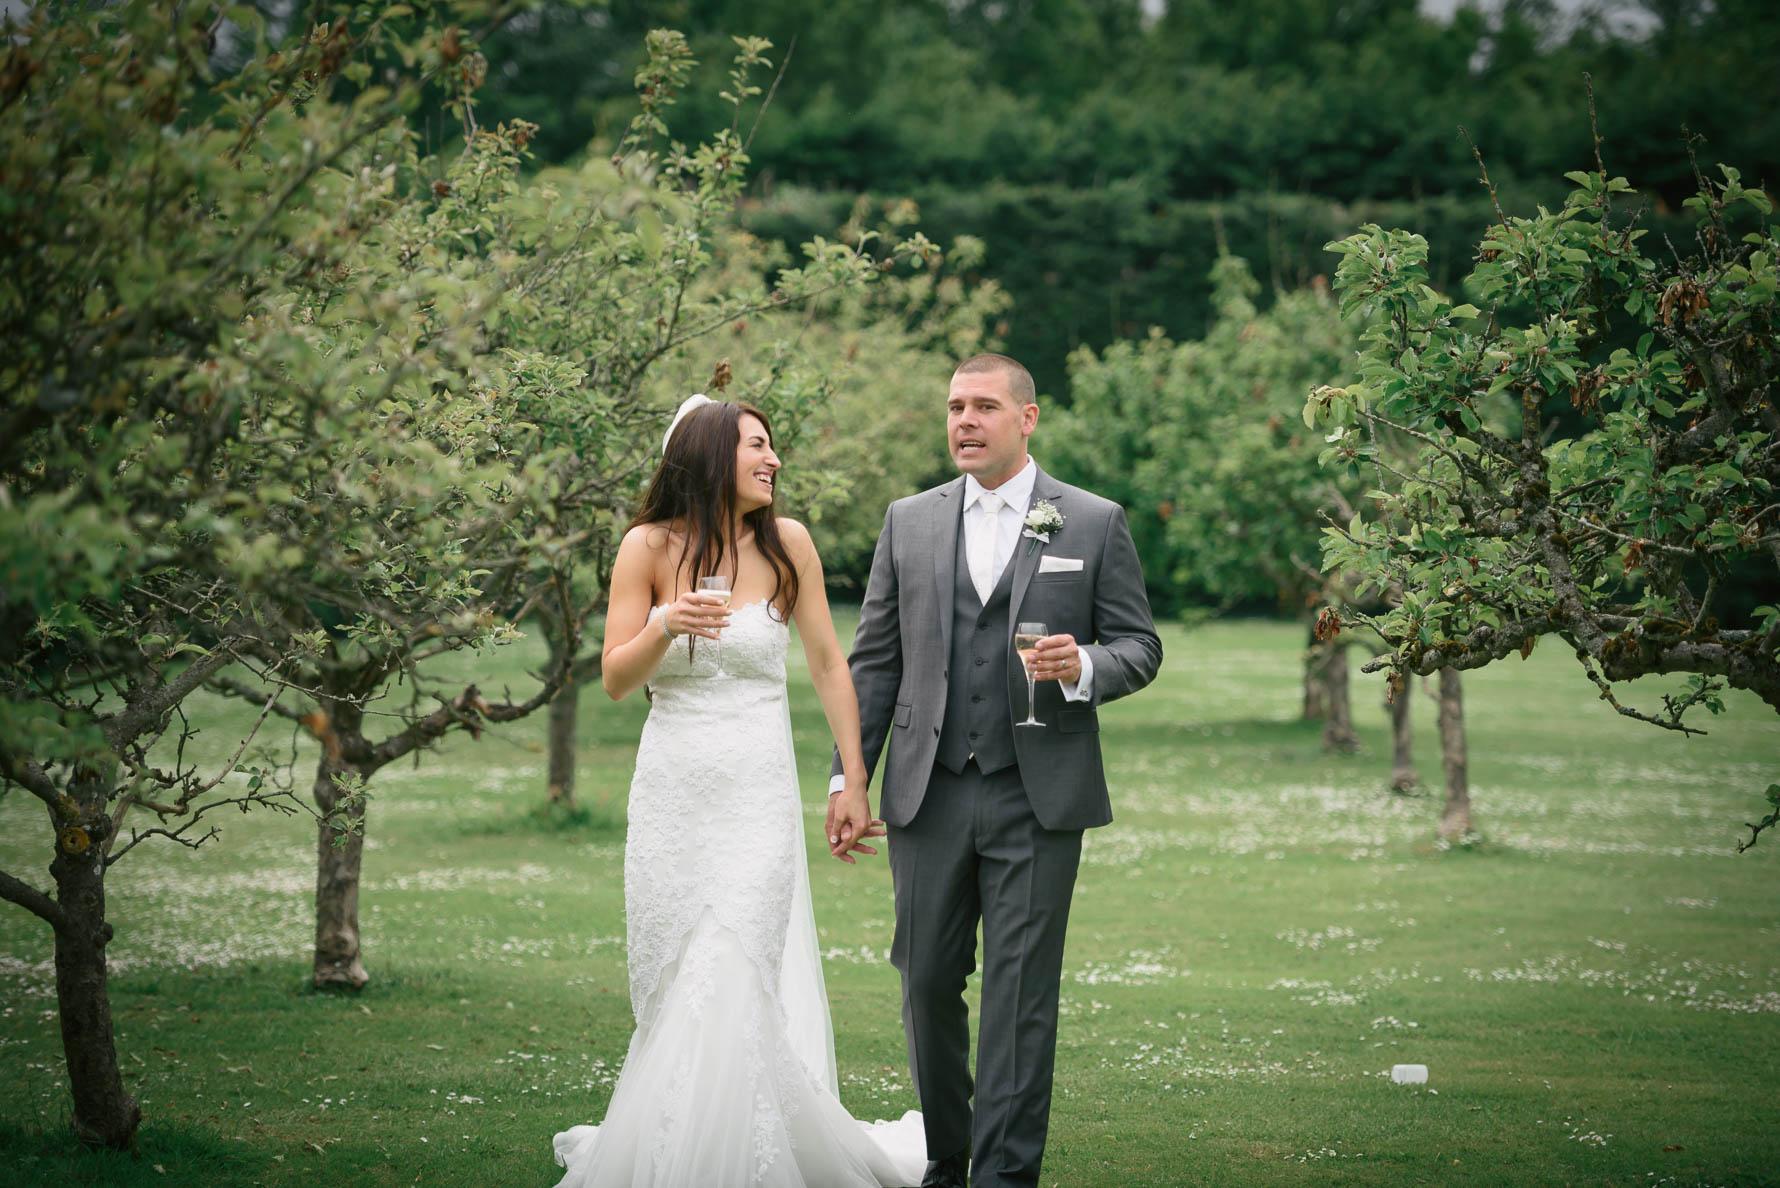 wedding at Winters Barns-39.jpg